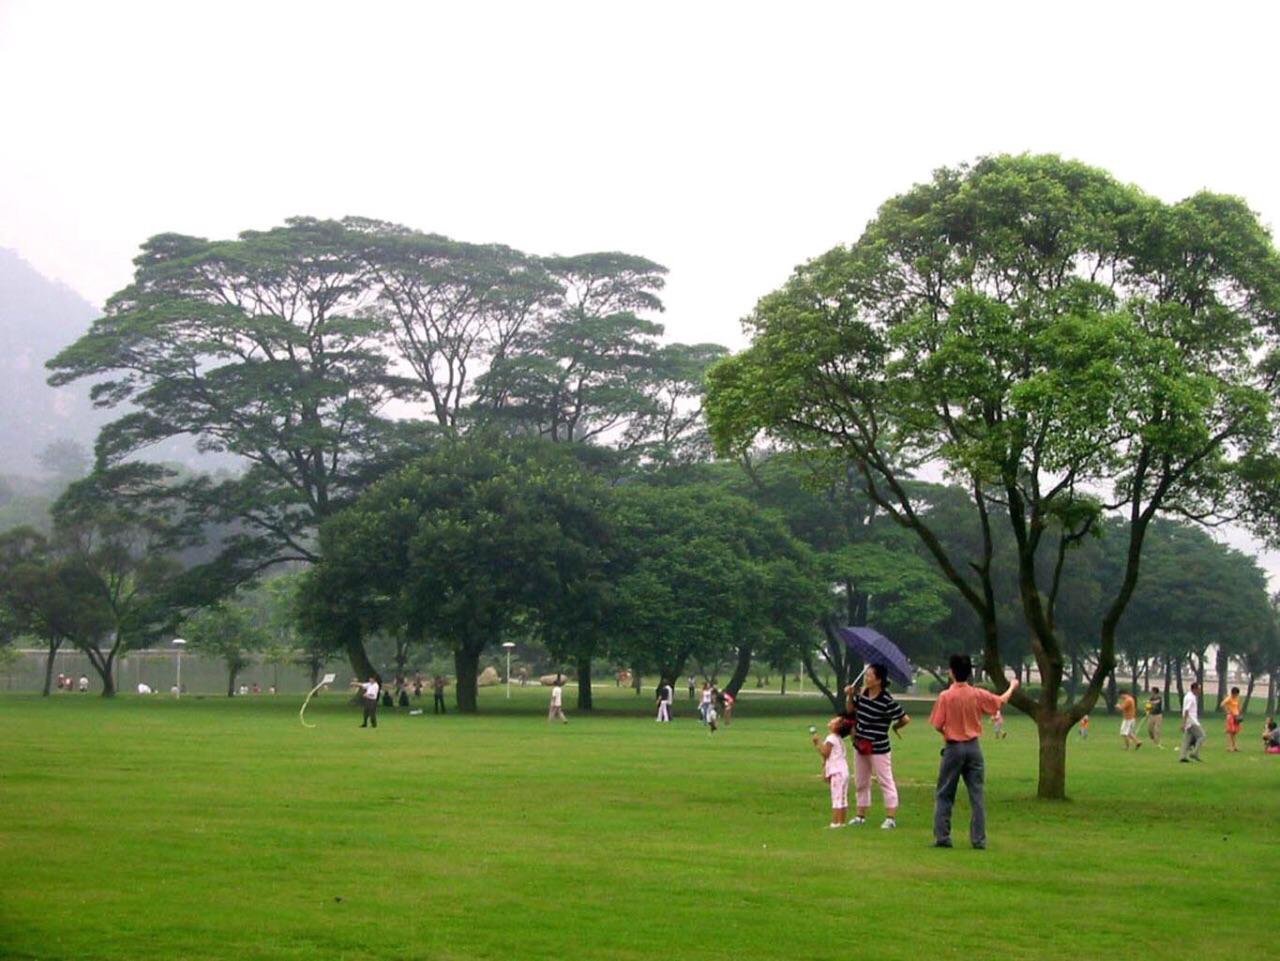 珠海海滨公园是一个休闲,游乐公园,园内有动物园,溜冰场,游泳池,烧烤